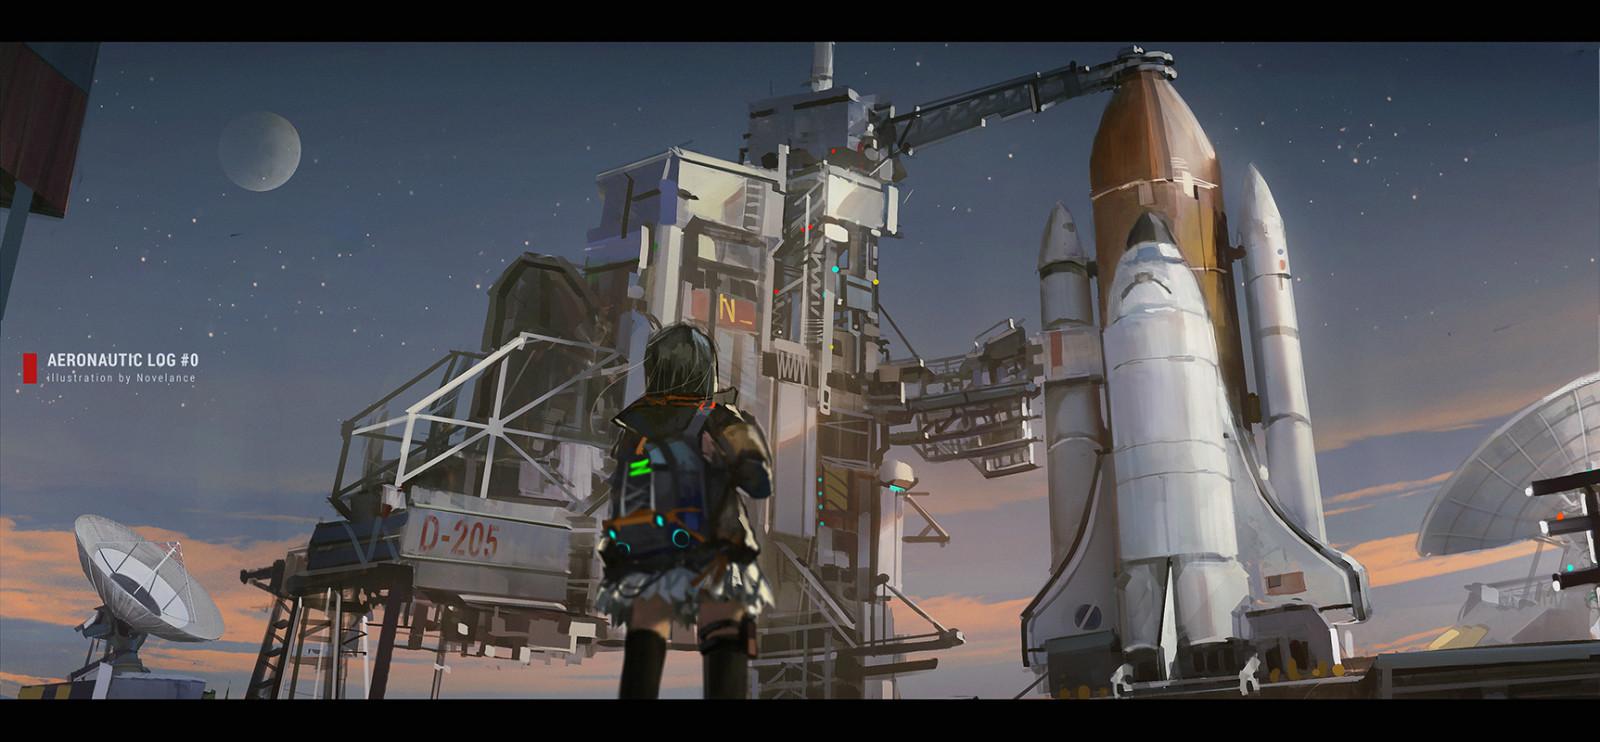 novelance_anime_girls_rocket_planet-1944365.jpg!d